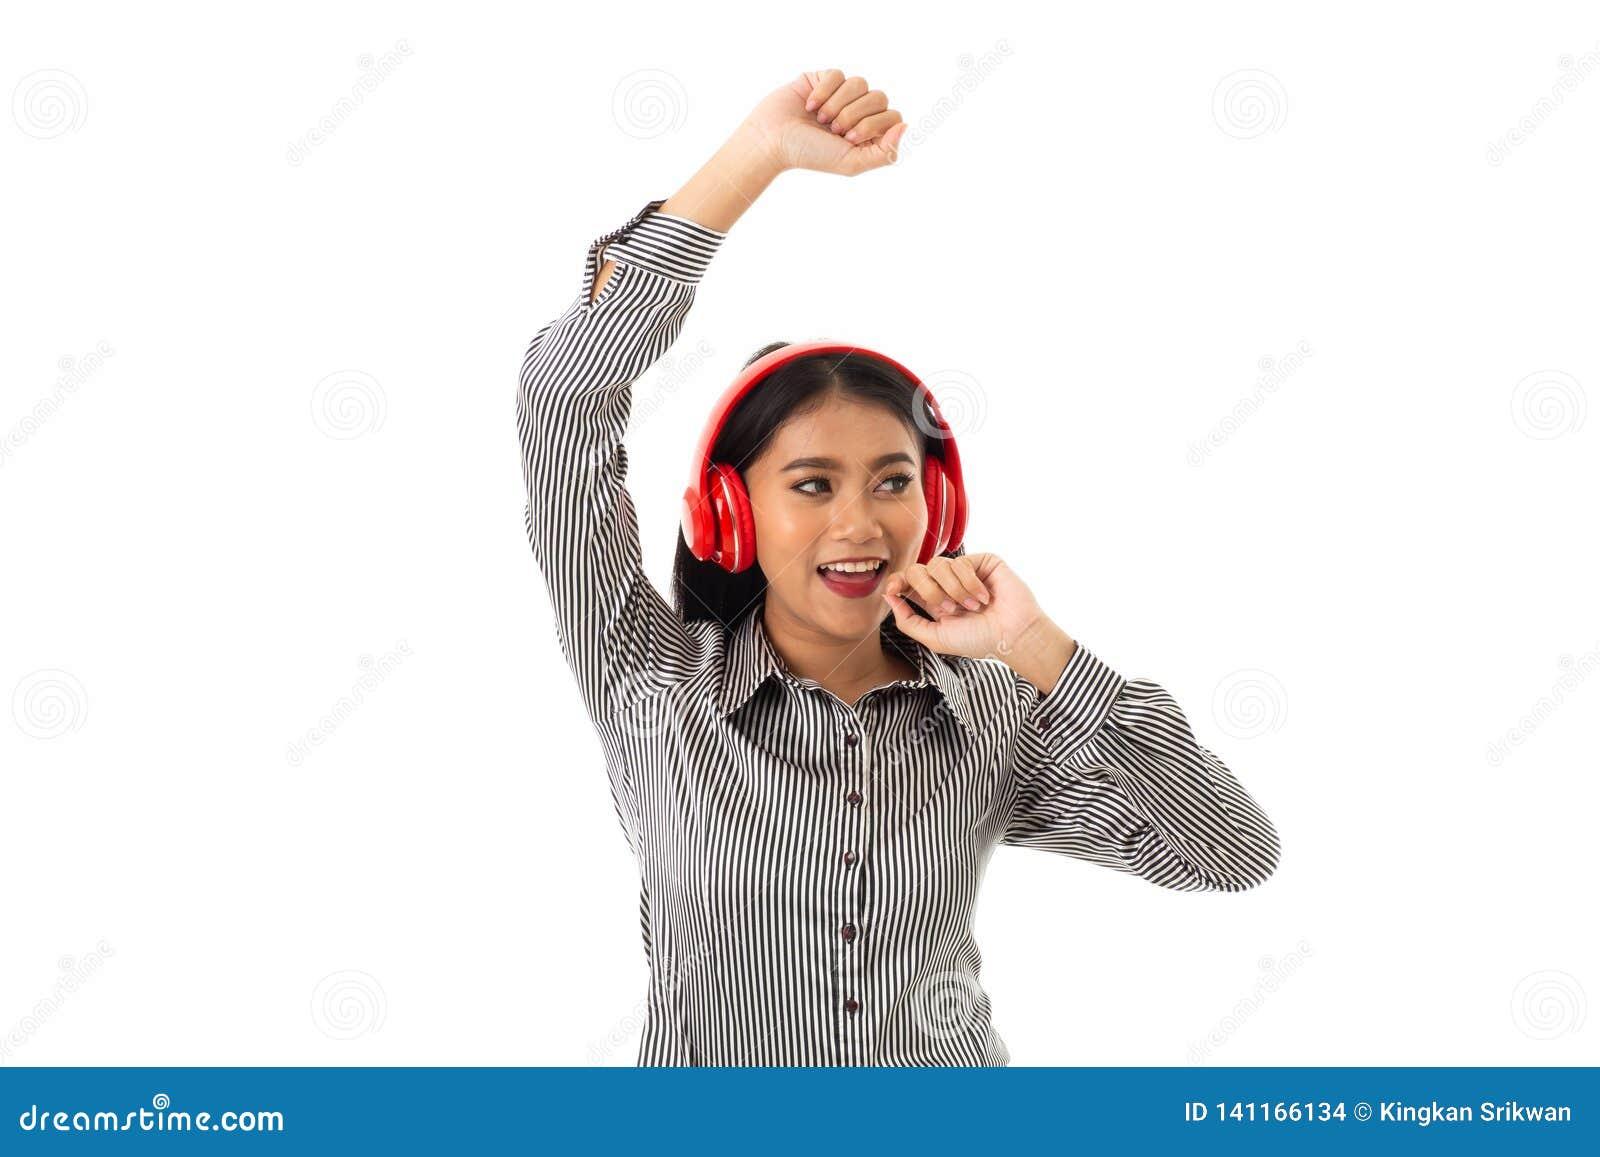 Νέα κυρία με τα κόκκινα ακουστικά που κοιτάζει στο αριστερό handside